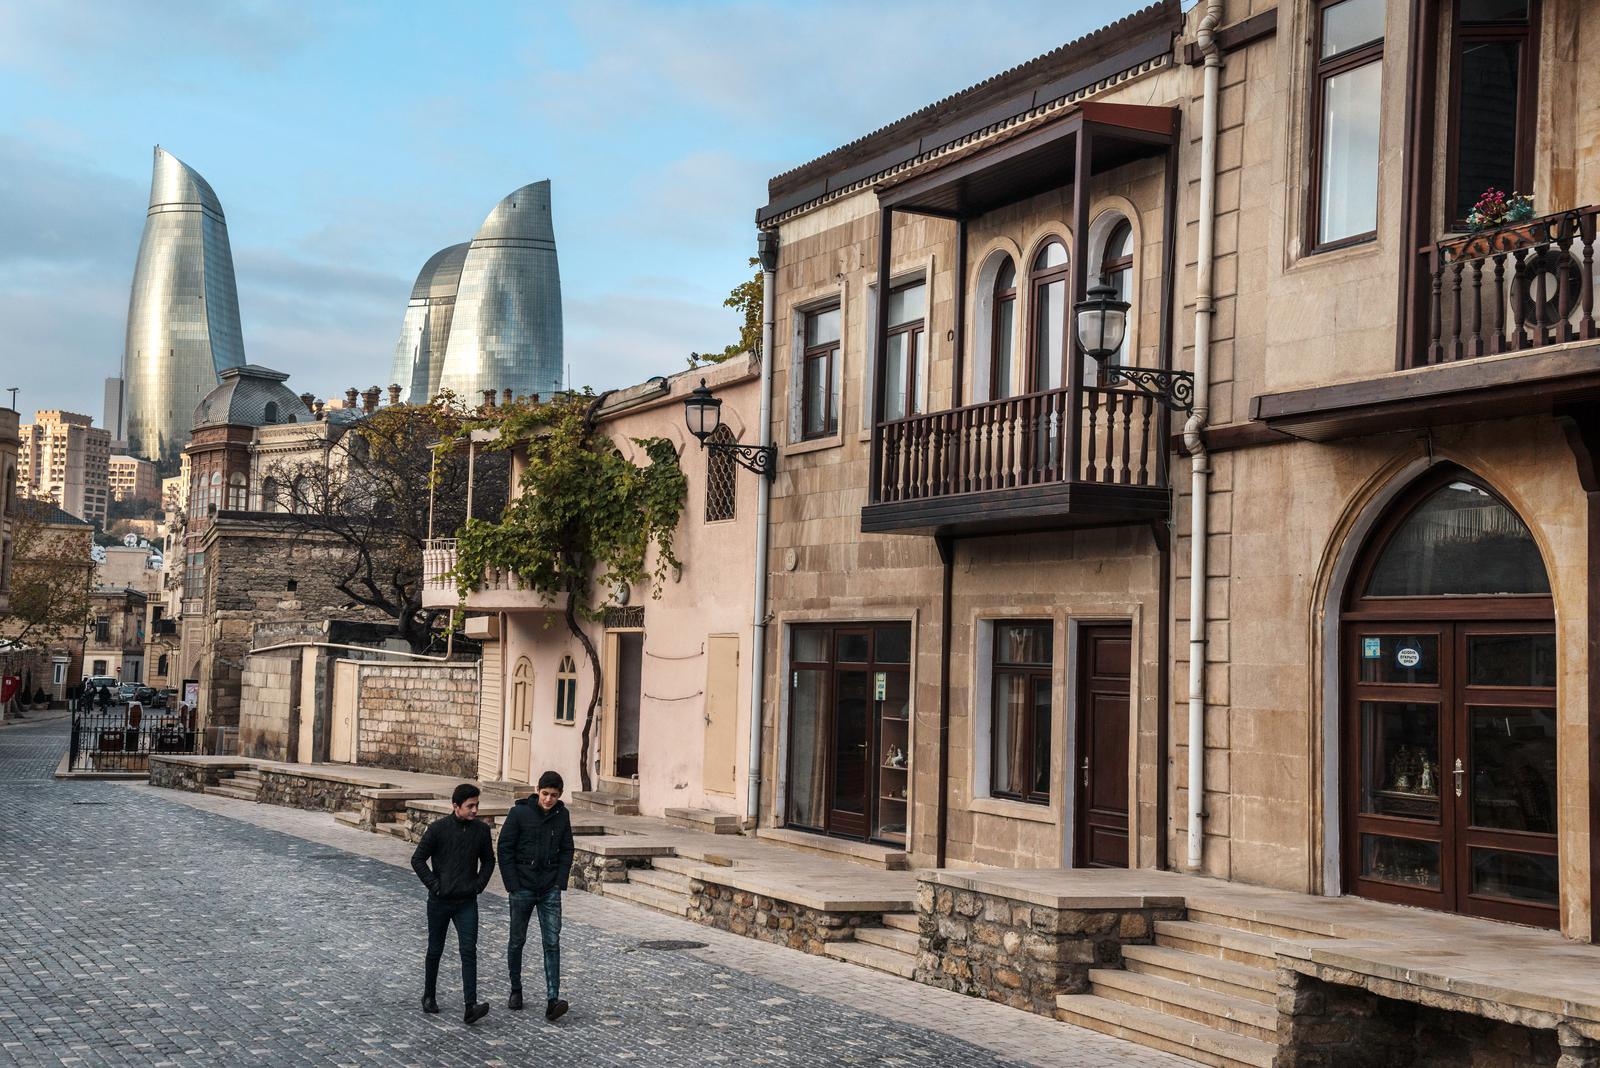 مدينه لنكران اذربيجان